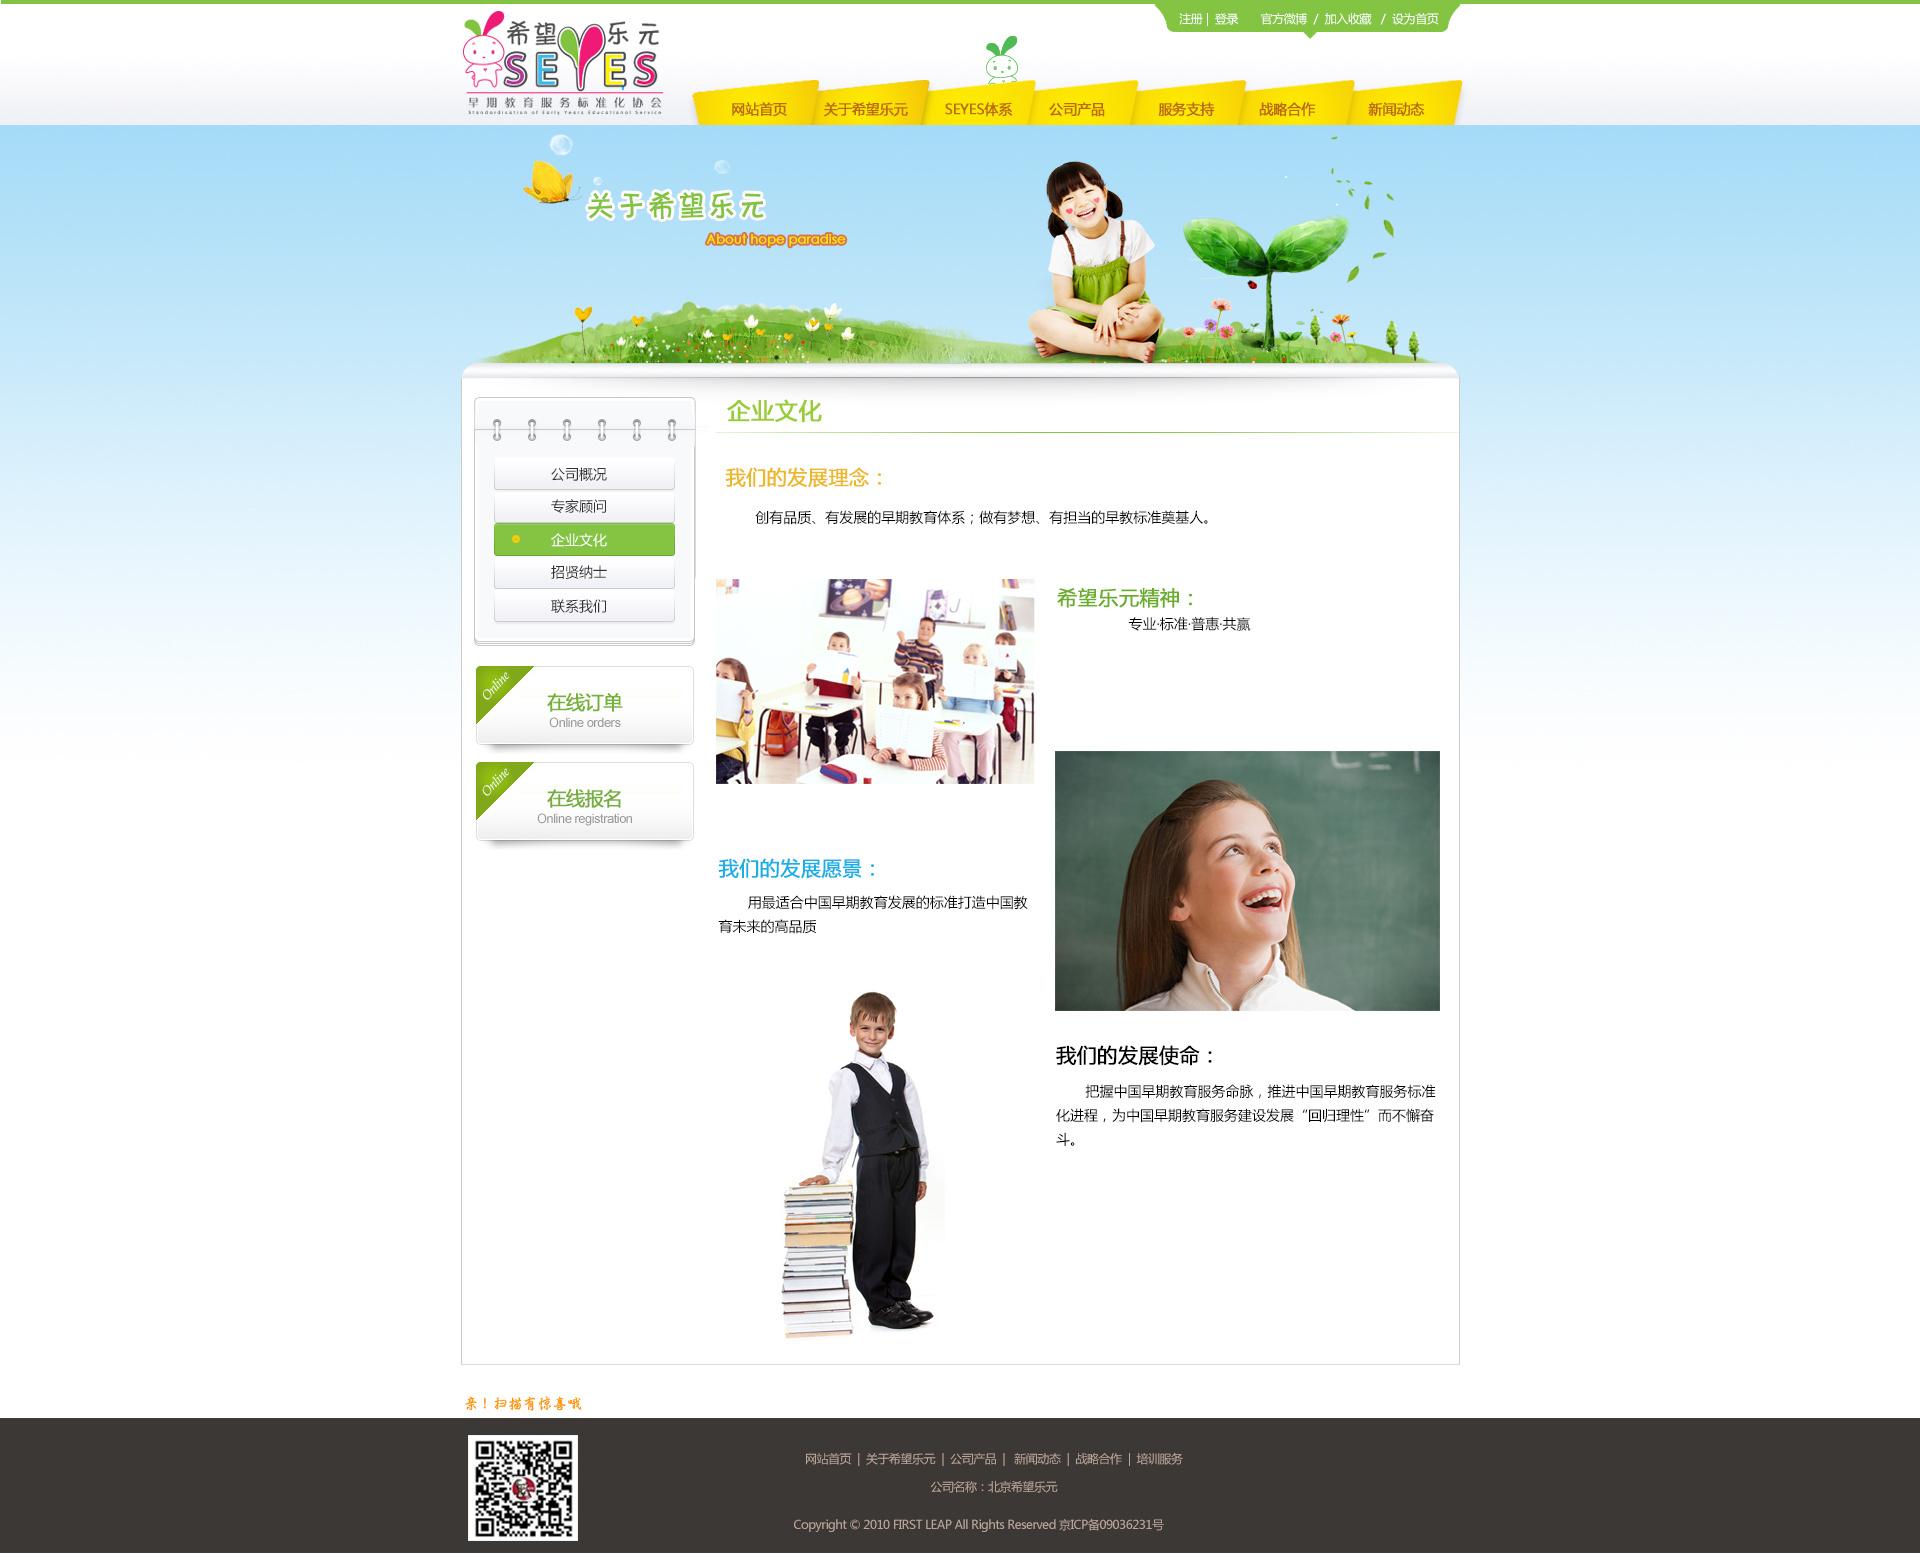 希望乐元官网 男孩 标准官网 天水网页-模具设计上色企业图片